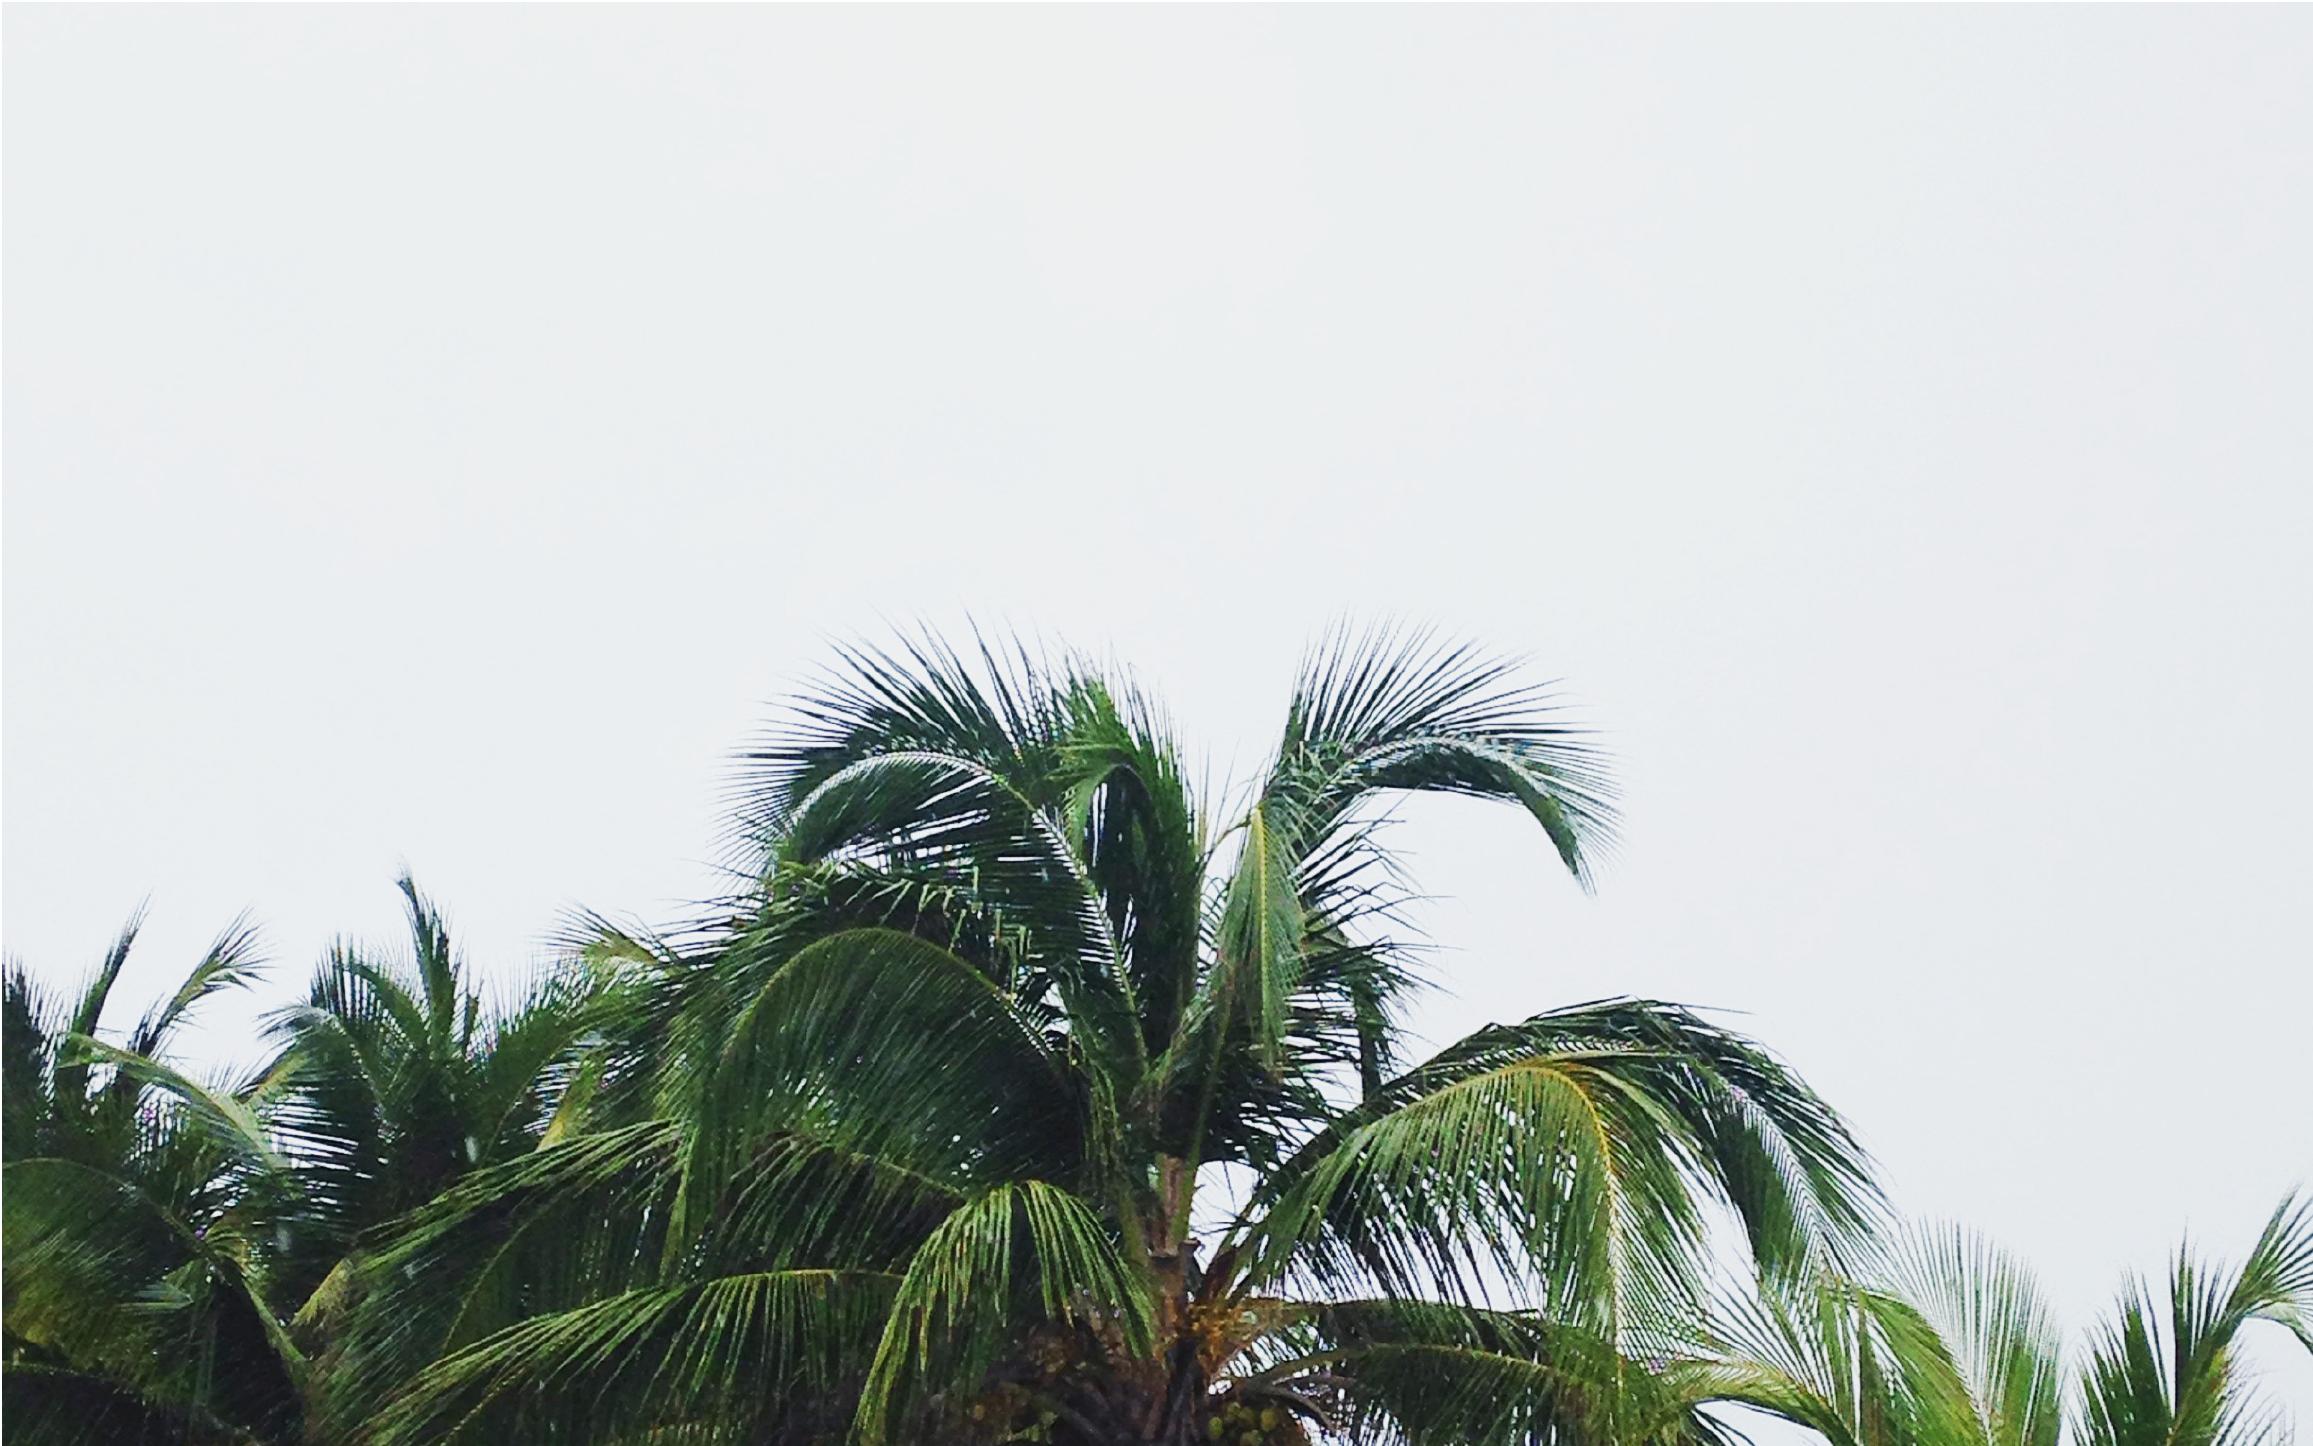 La frontera tropical - Playa del Carmen, tu próximo destino en México.Esta pequeña ciudad esta a 45 mins de Cancún, y el aeropuerto al que tienes que volar es CUN.